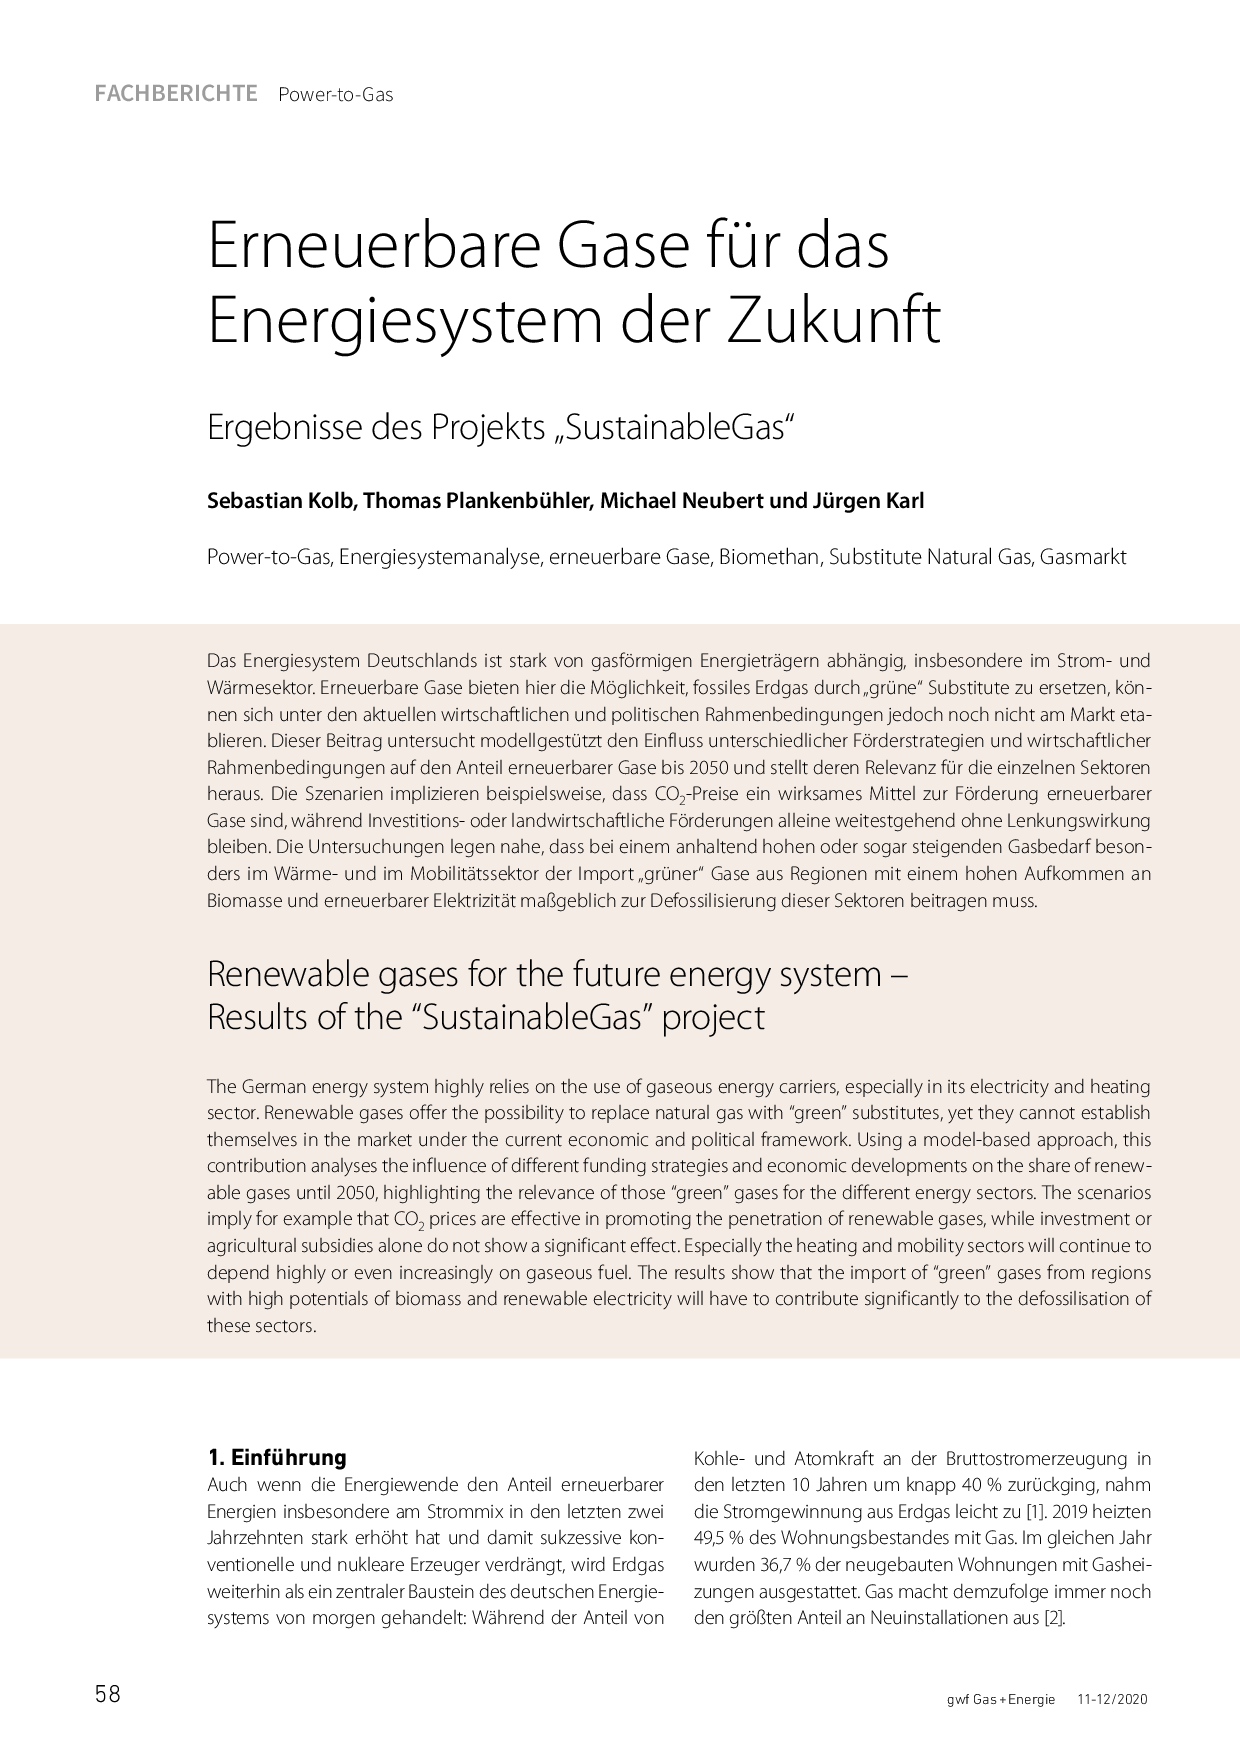 Erneuerbare Gase für das Energiesystem der Zukunft